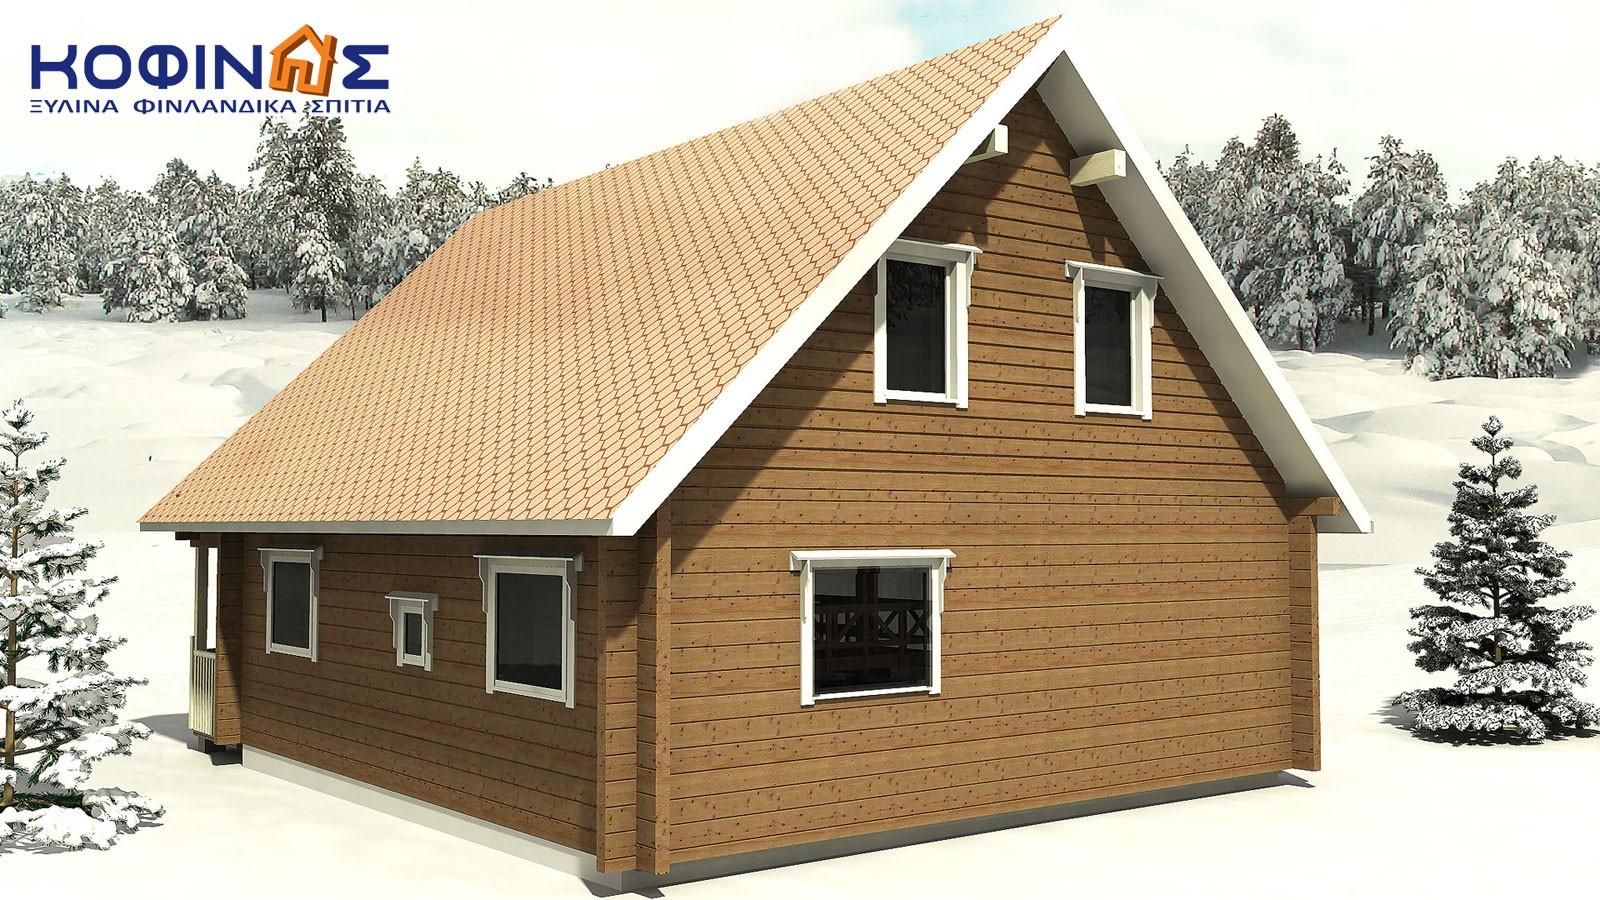 Διώροφη Ξύλινη Κατοικία XD-108, συνολικής επιφάνειας 108,40 τ.μ.